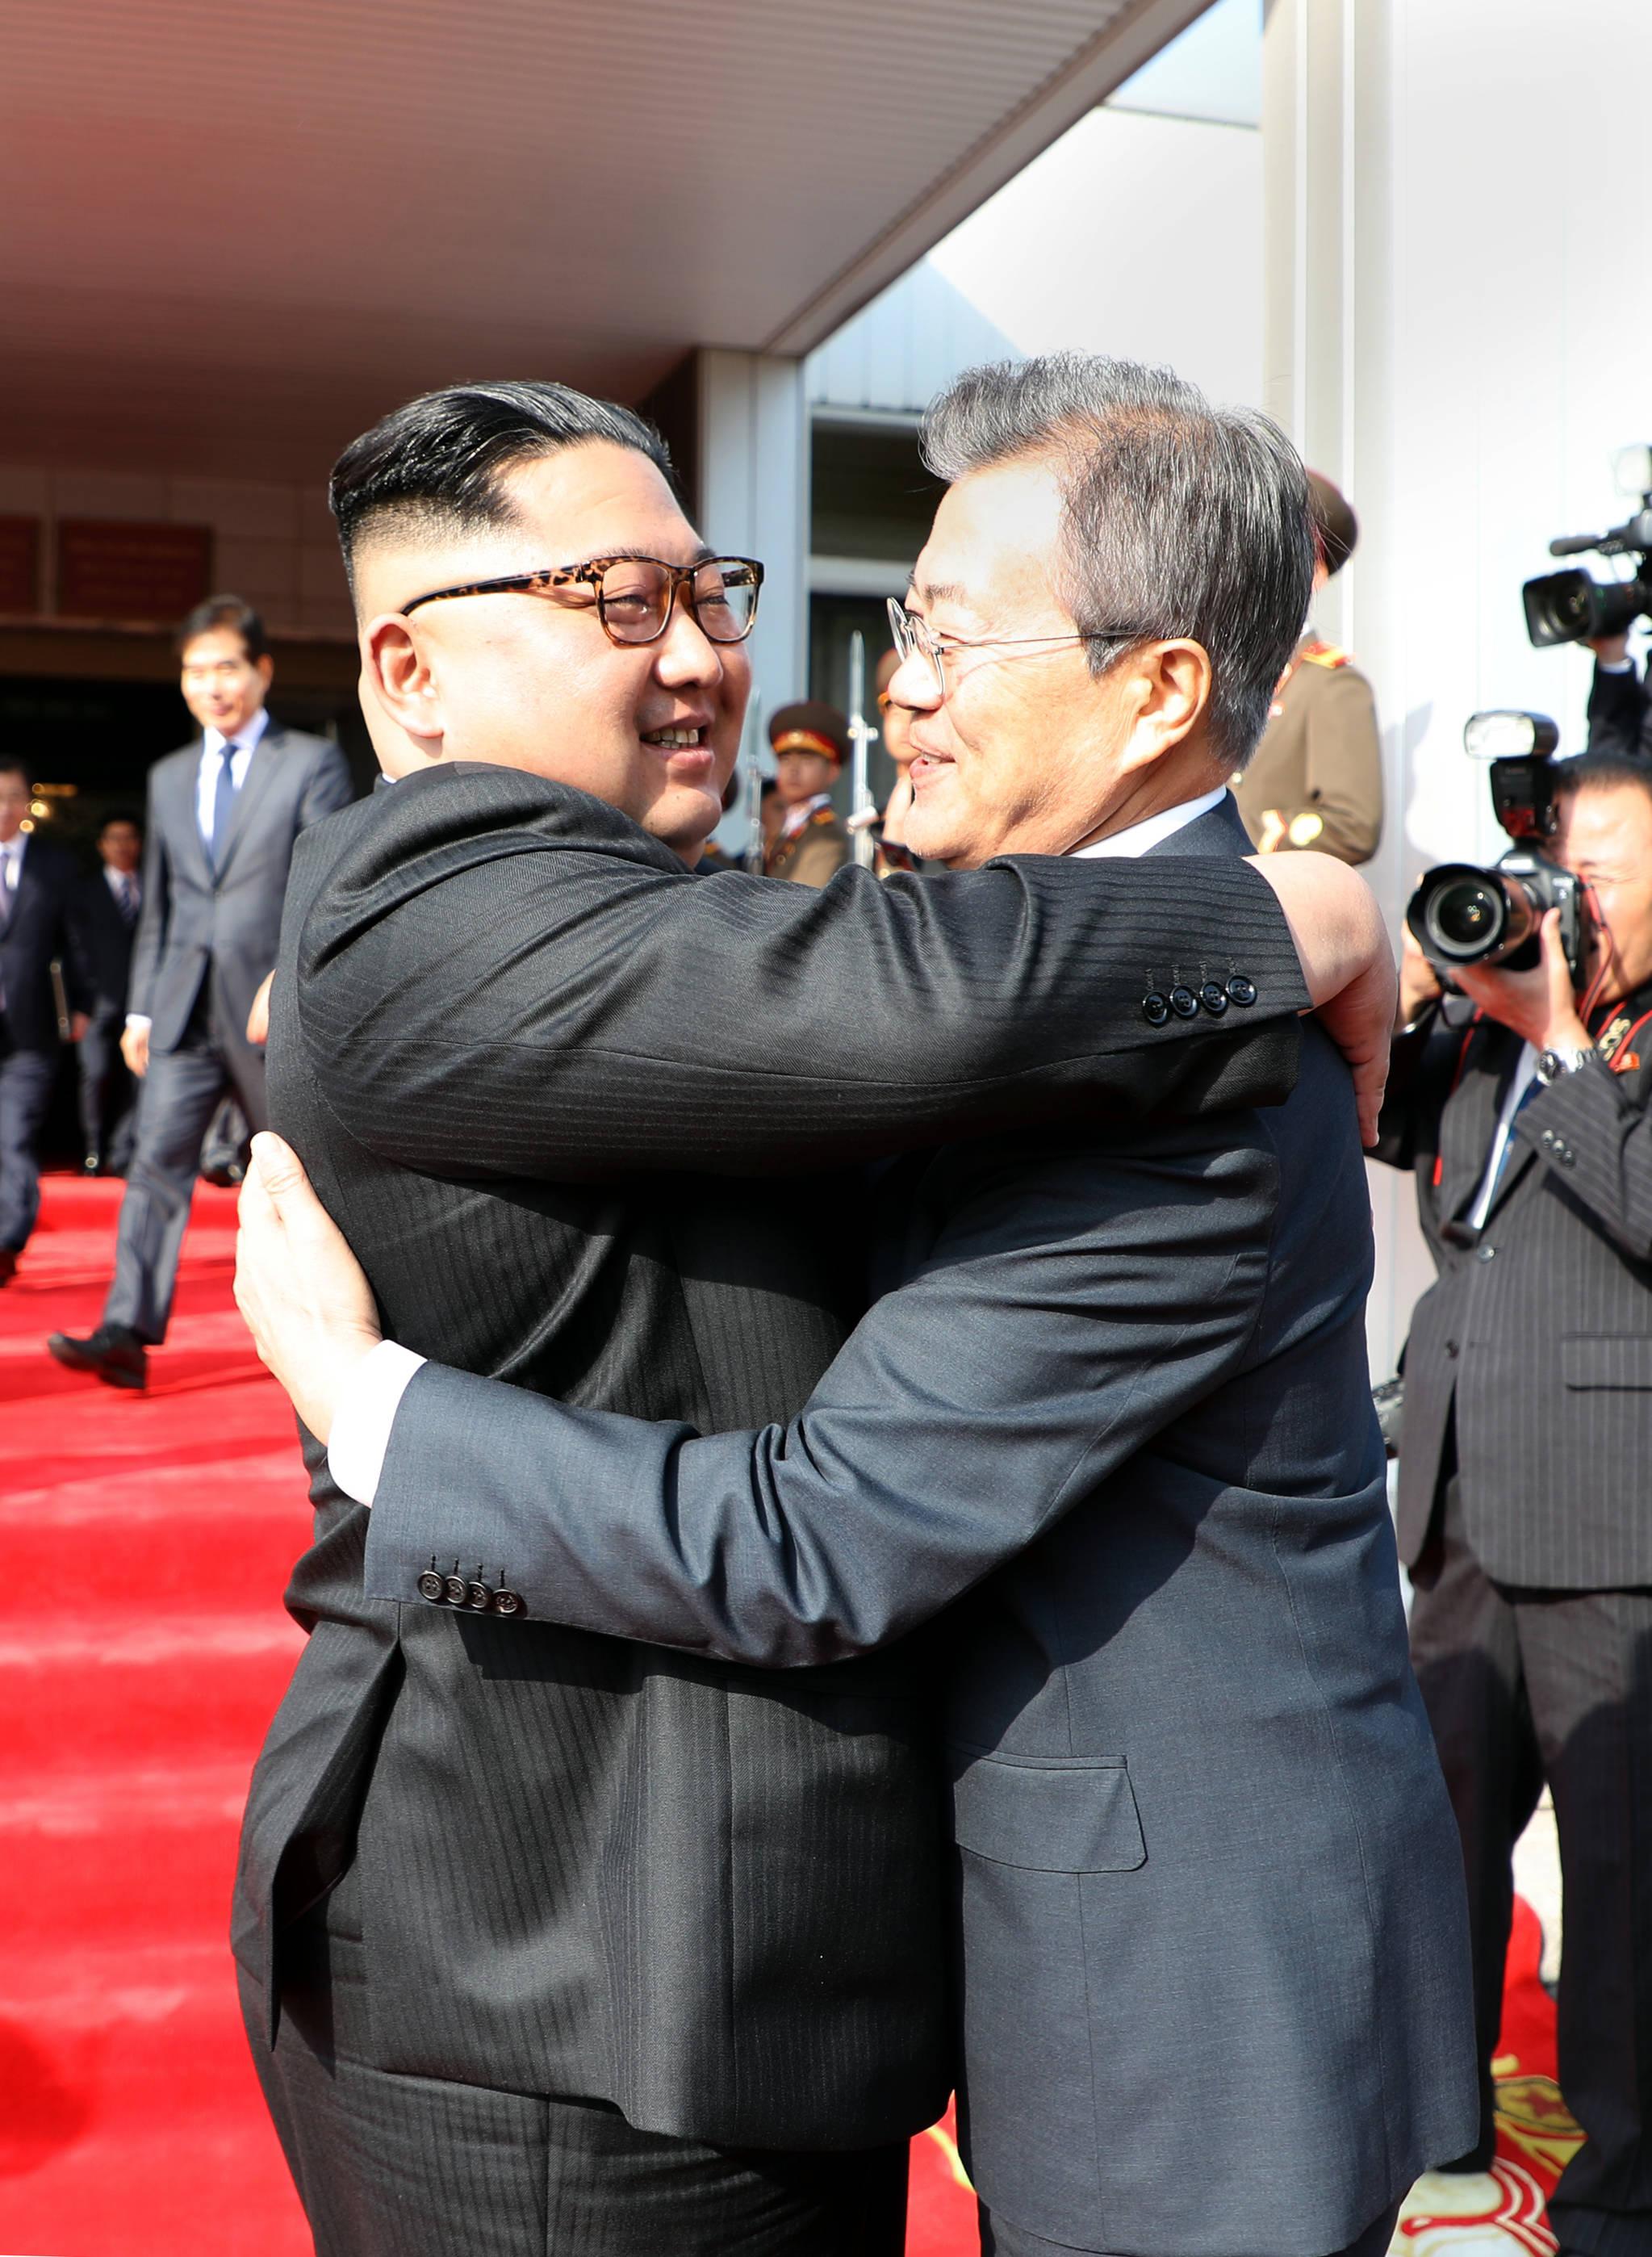 문재인 대통령과 김정은 북한 국무위원장이 26일 오후 판문점 북측 통일각에서 정상회담 마친 후 헤어지며 포옹하고 있다. [사진 청와대]